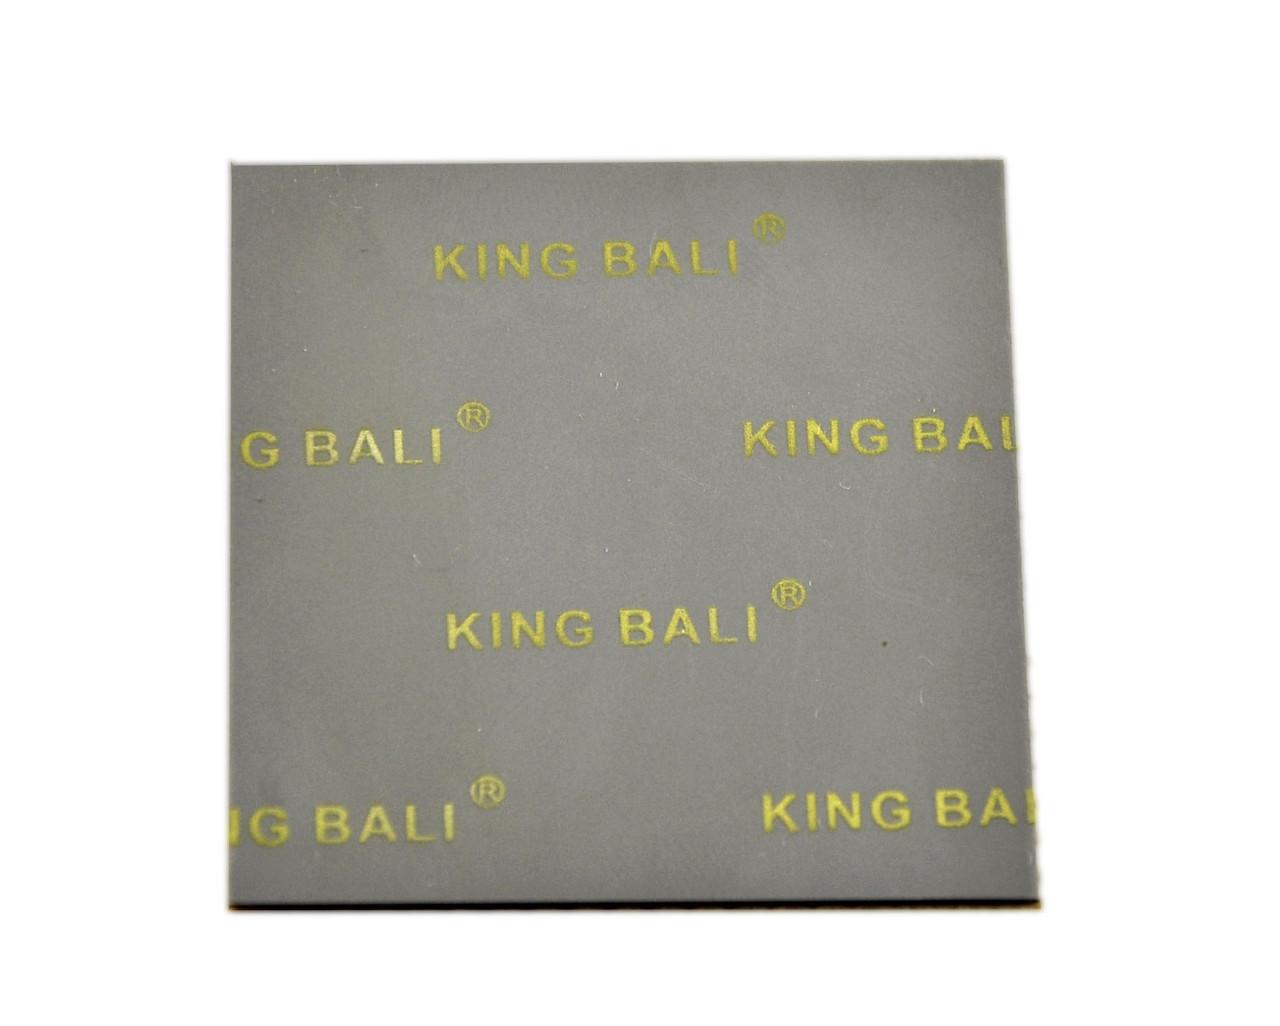 Термопрокладка KingBali DG 1.0 мм 60х60 серая 4 Вт/(м*К)термоинтерфейс (TPr-KB4DG 1.0-60)